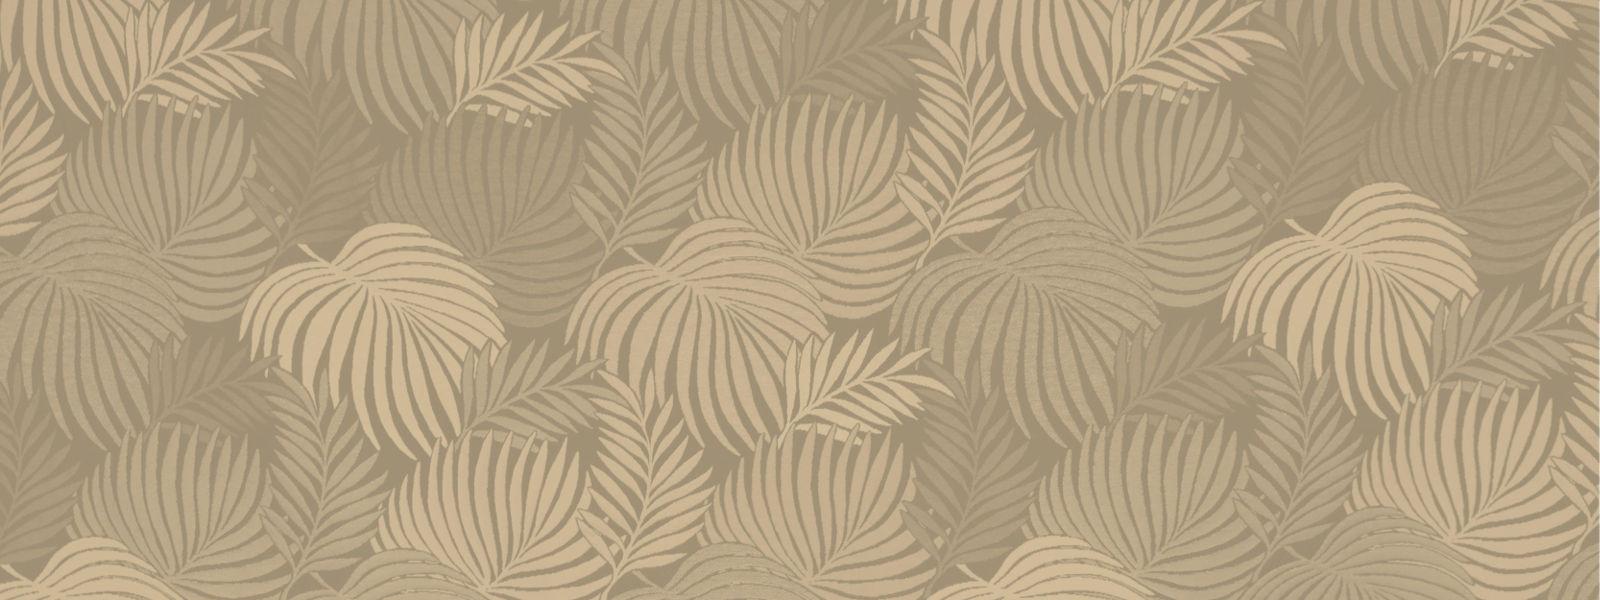 floral-bloc-brown